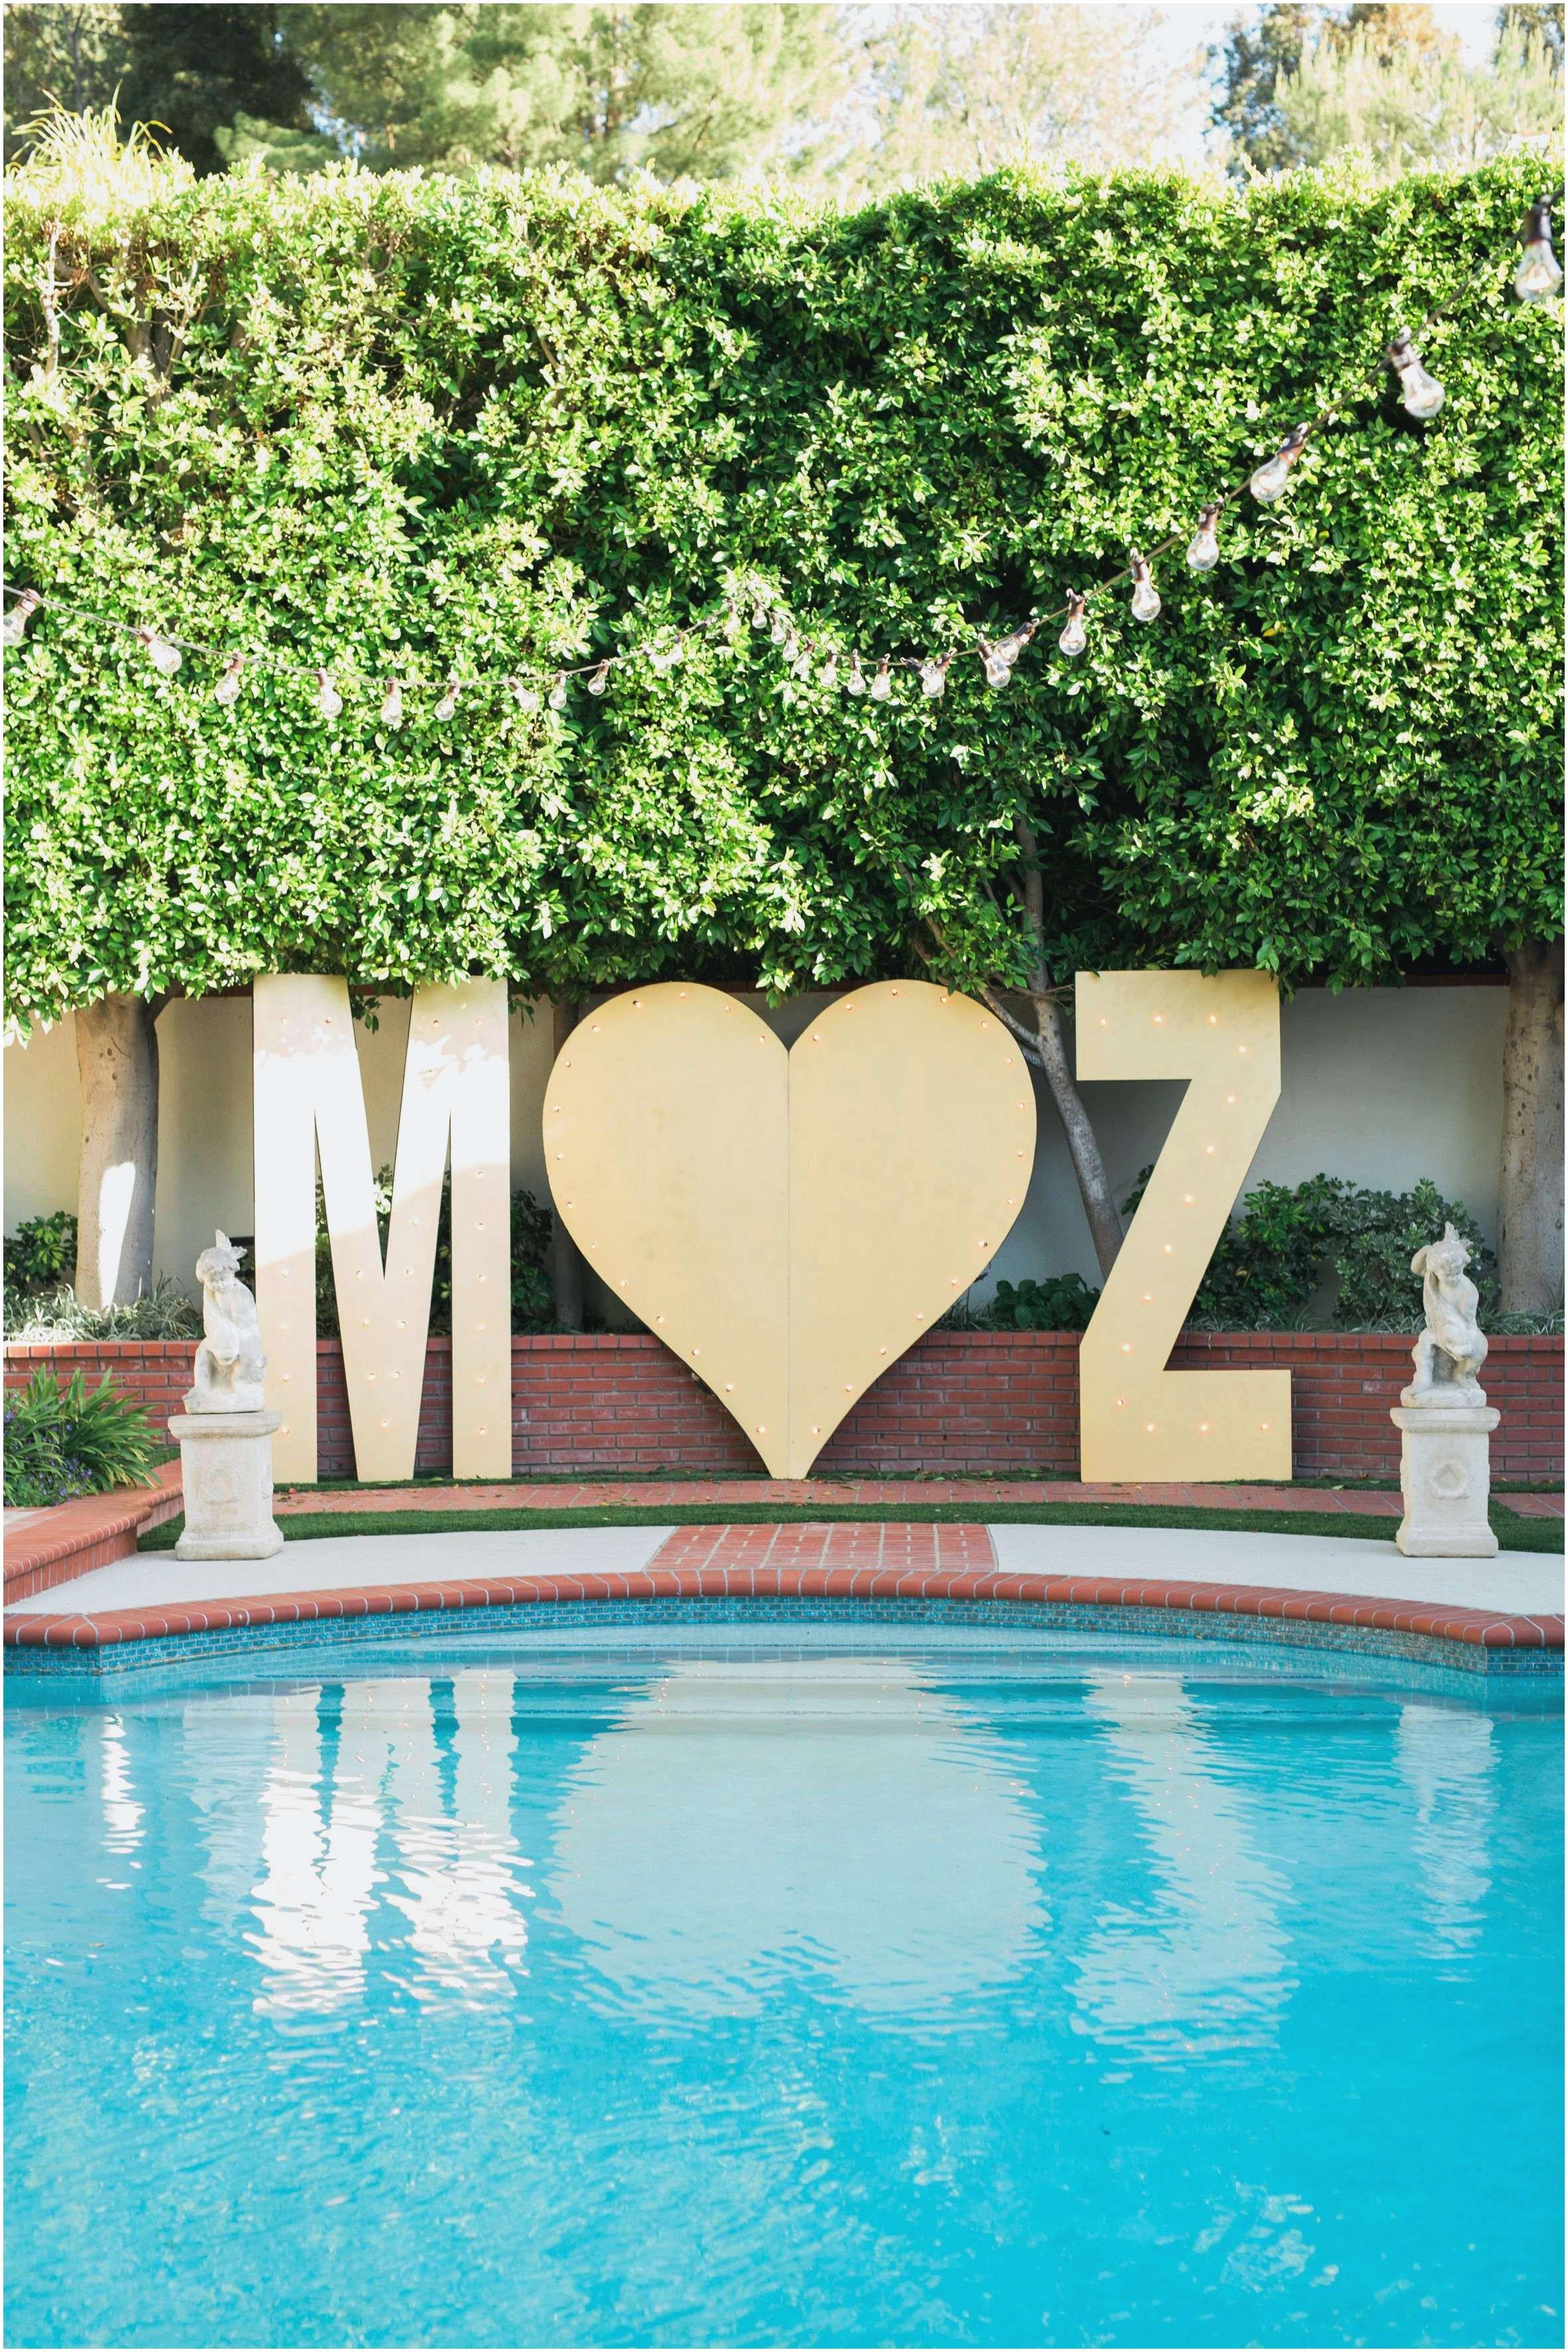 poolside wedding reception ideas